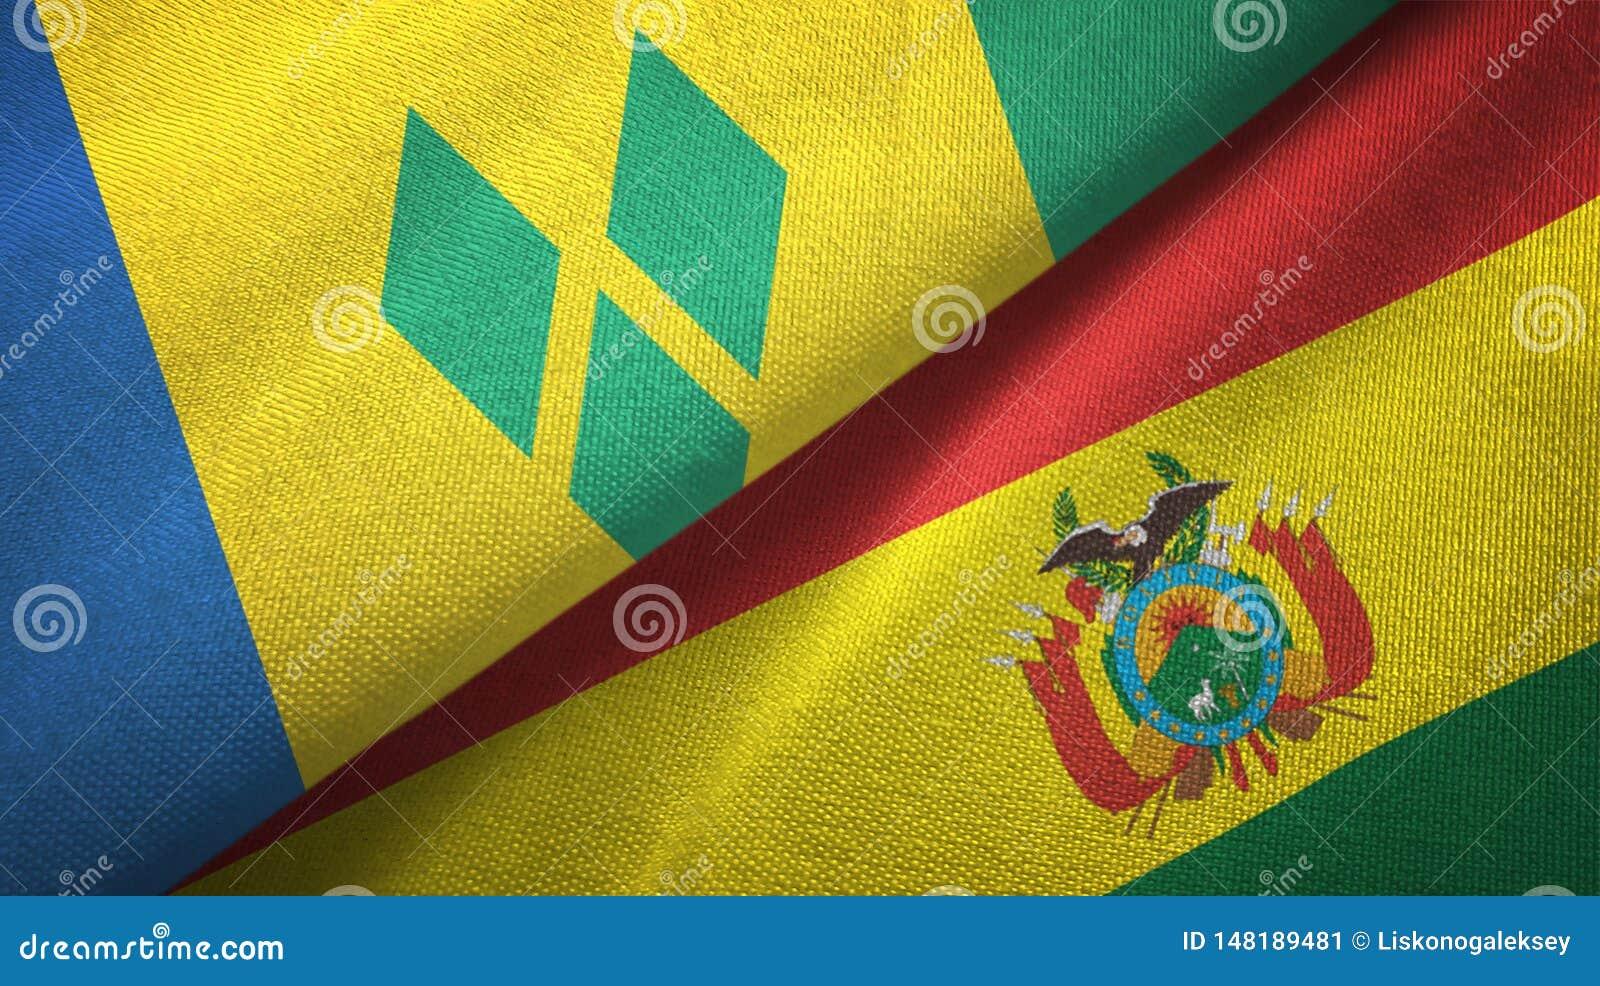 Άγιος Βικέντιος και Γρεναδίνες και Βολιβία δύο σημαίες